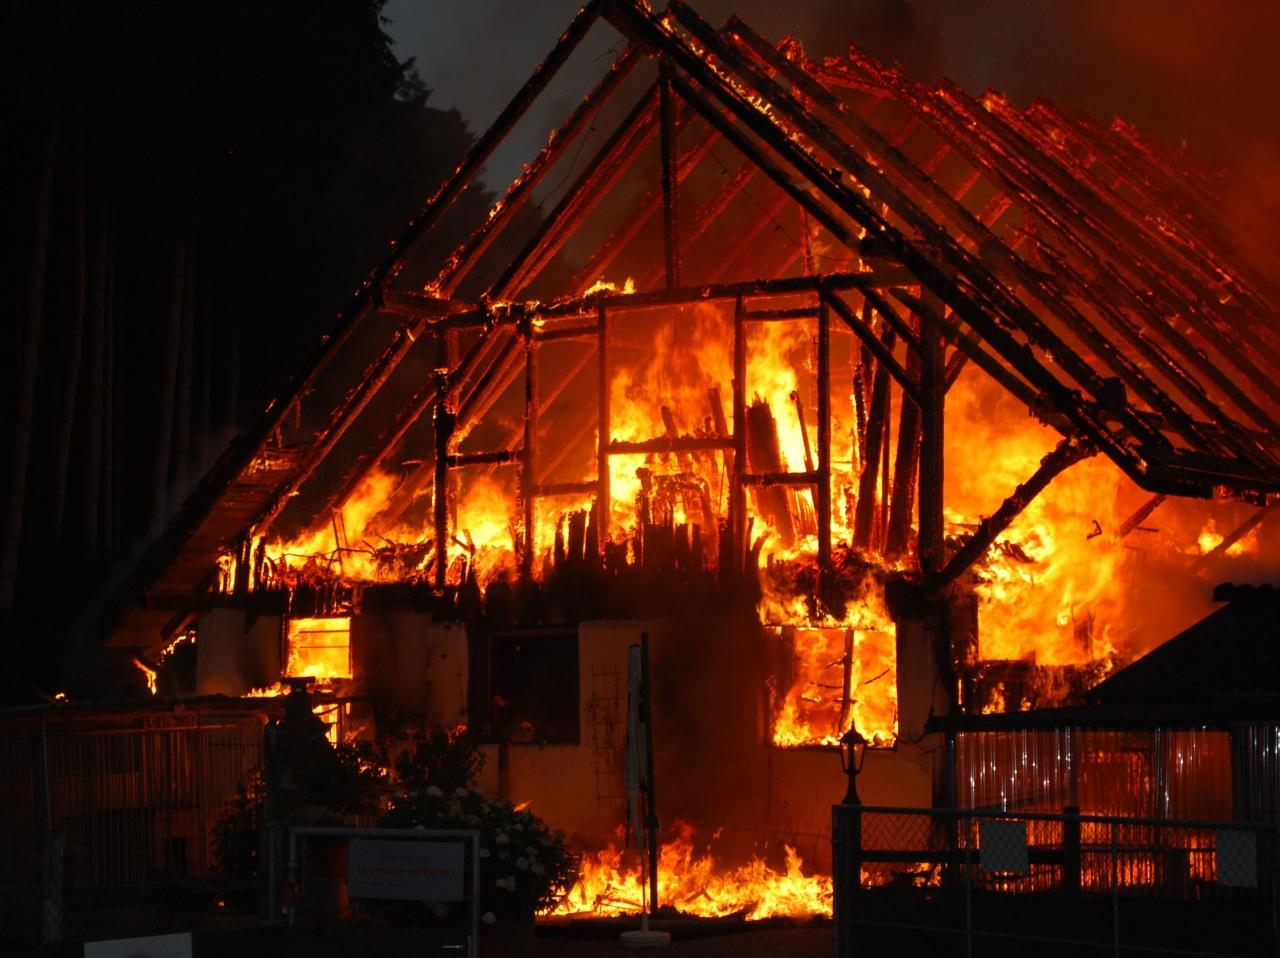 Ticinonline la casa brucia gravi ustioni per una donna - Ospite in casa legge ...